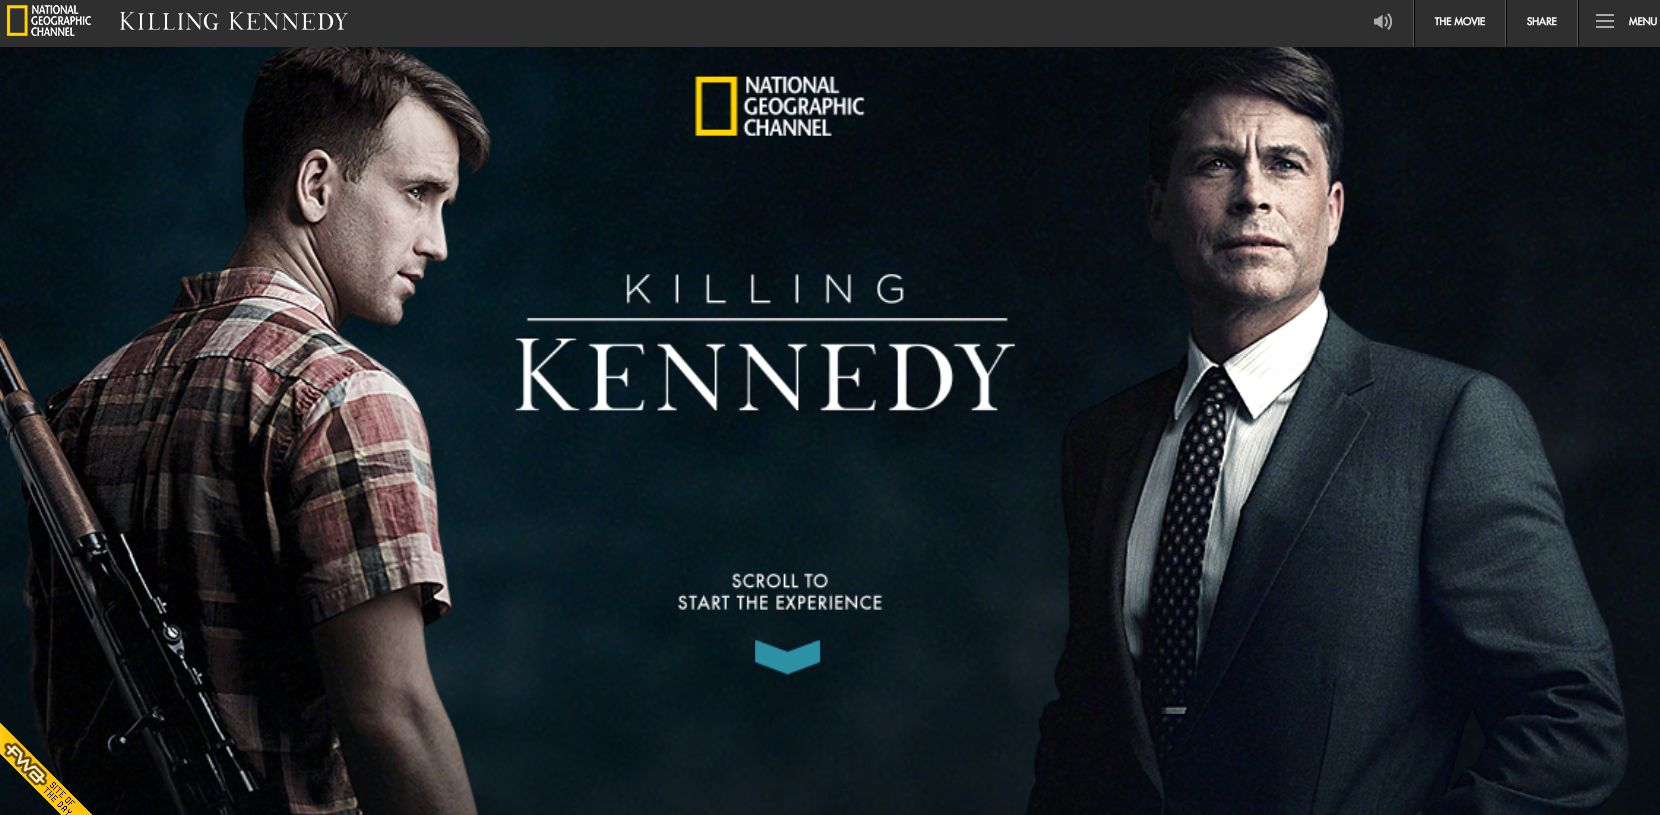 Multimediale Reportage zu JFK und seinem Mörder Lee Harvey Oswald